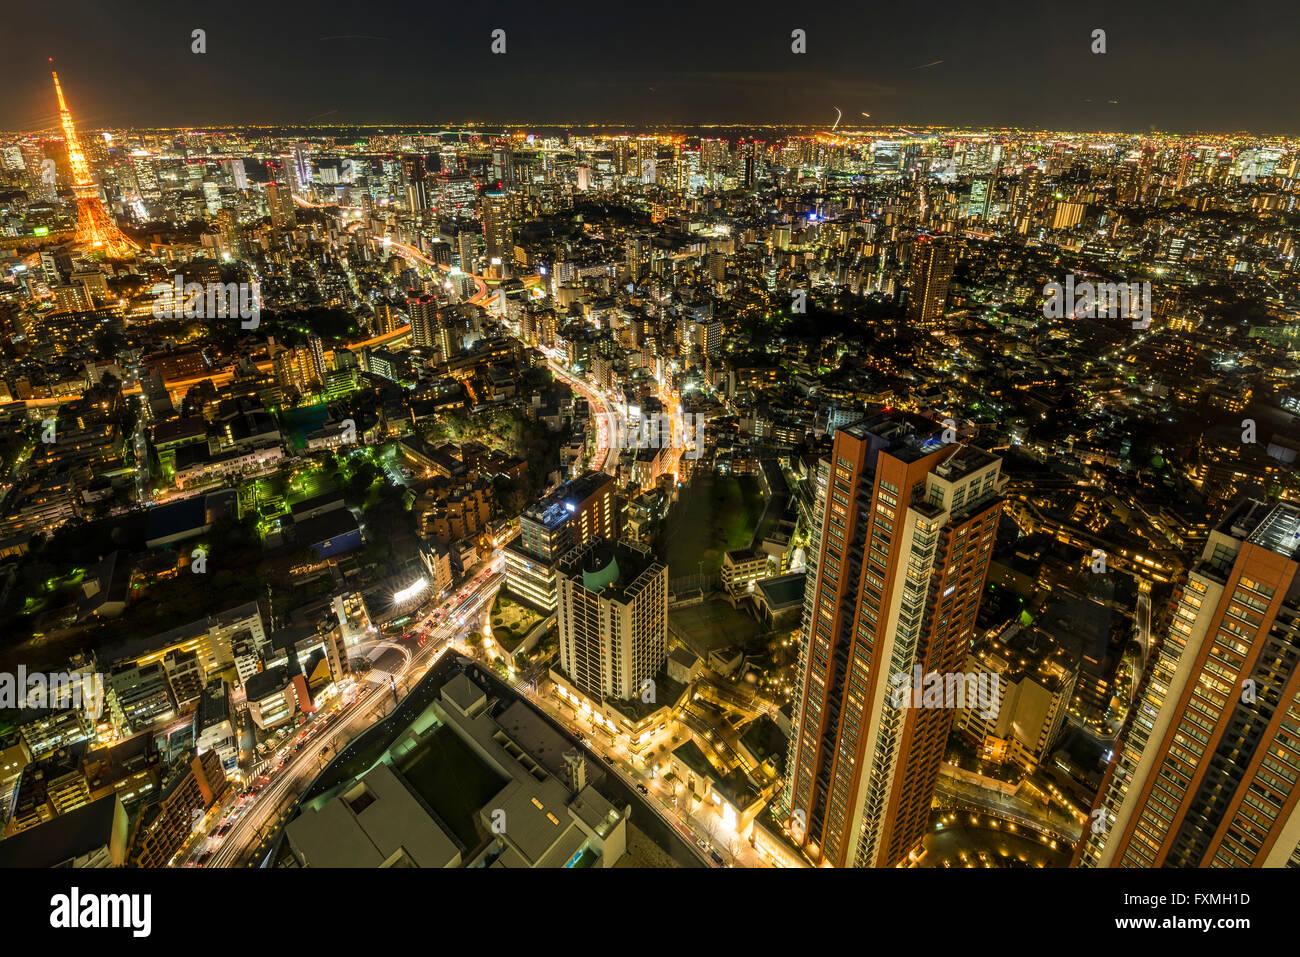 La torre de Tokio, y edificios altos en la noche en Tokio, Japón Imagen De Stock